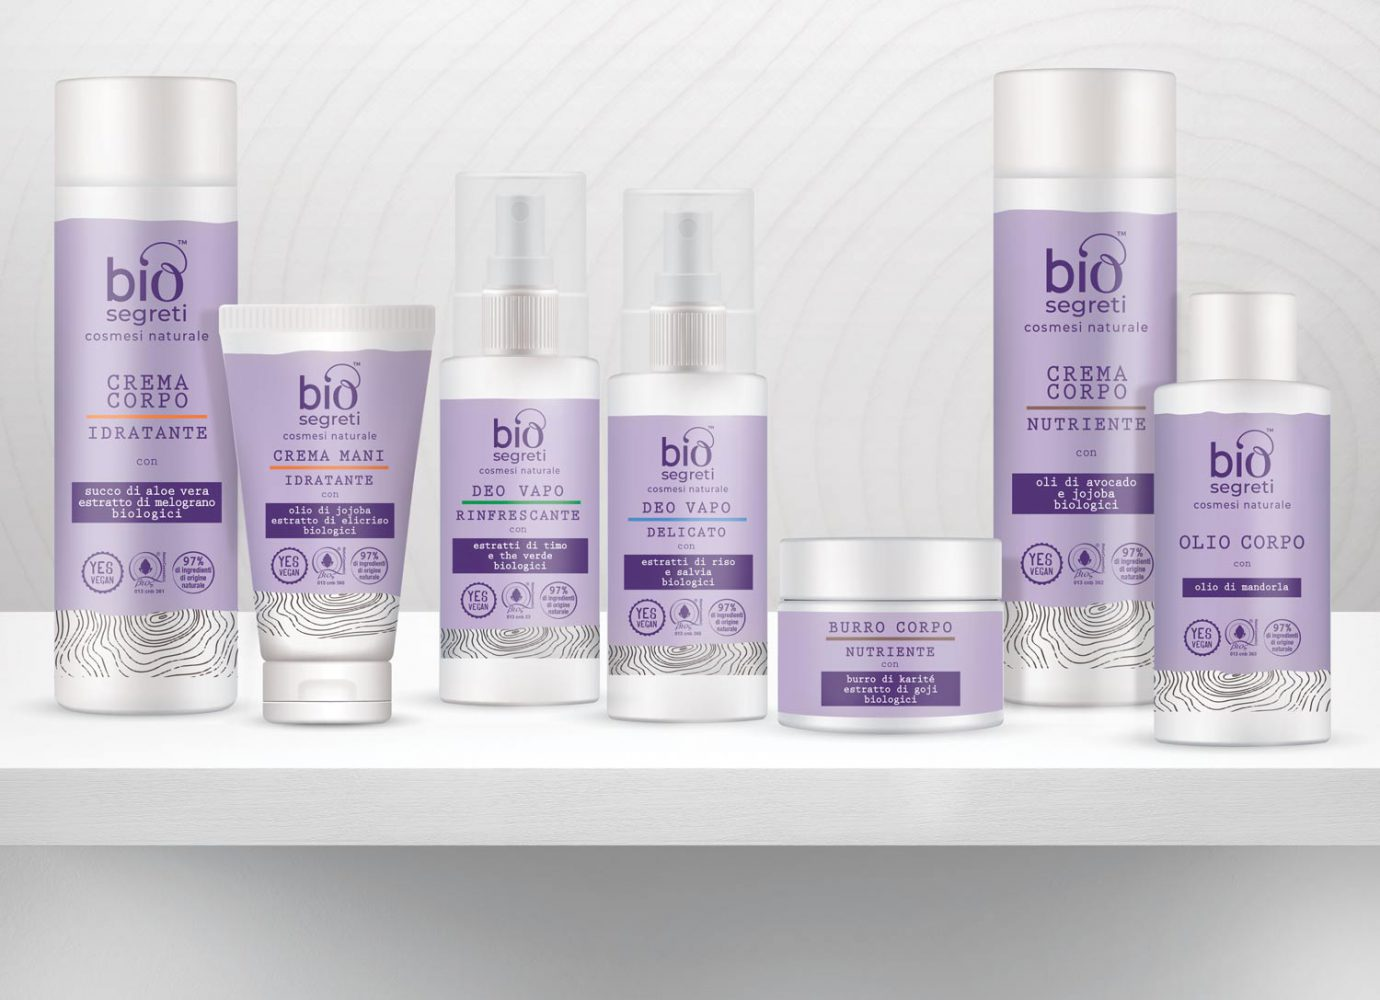 Packaging design di prodotti cosmetici naturali per la cura del corpo destinati alla GDO realizzato da WillBe